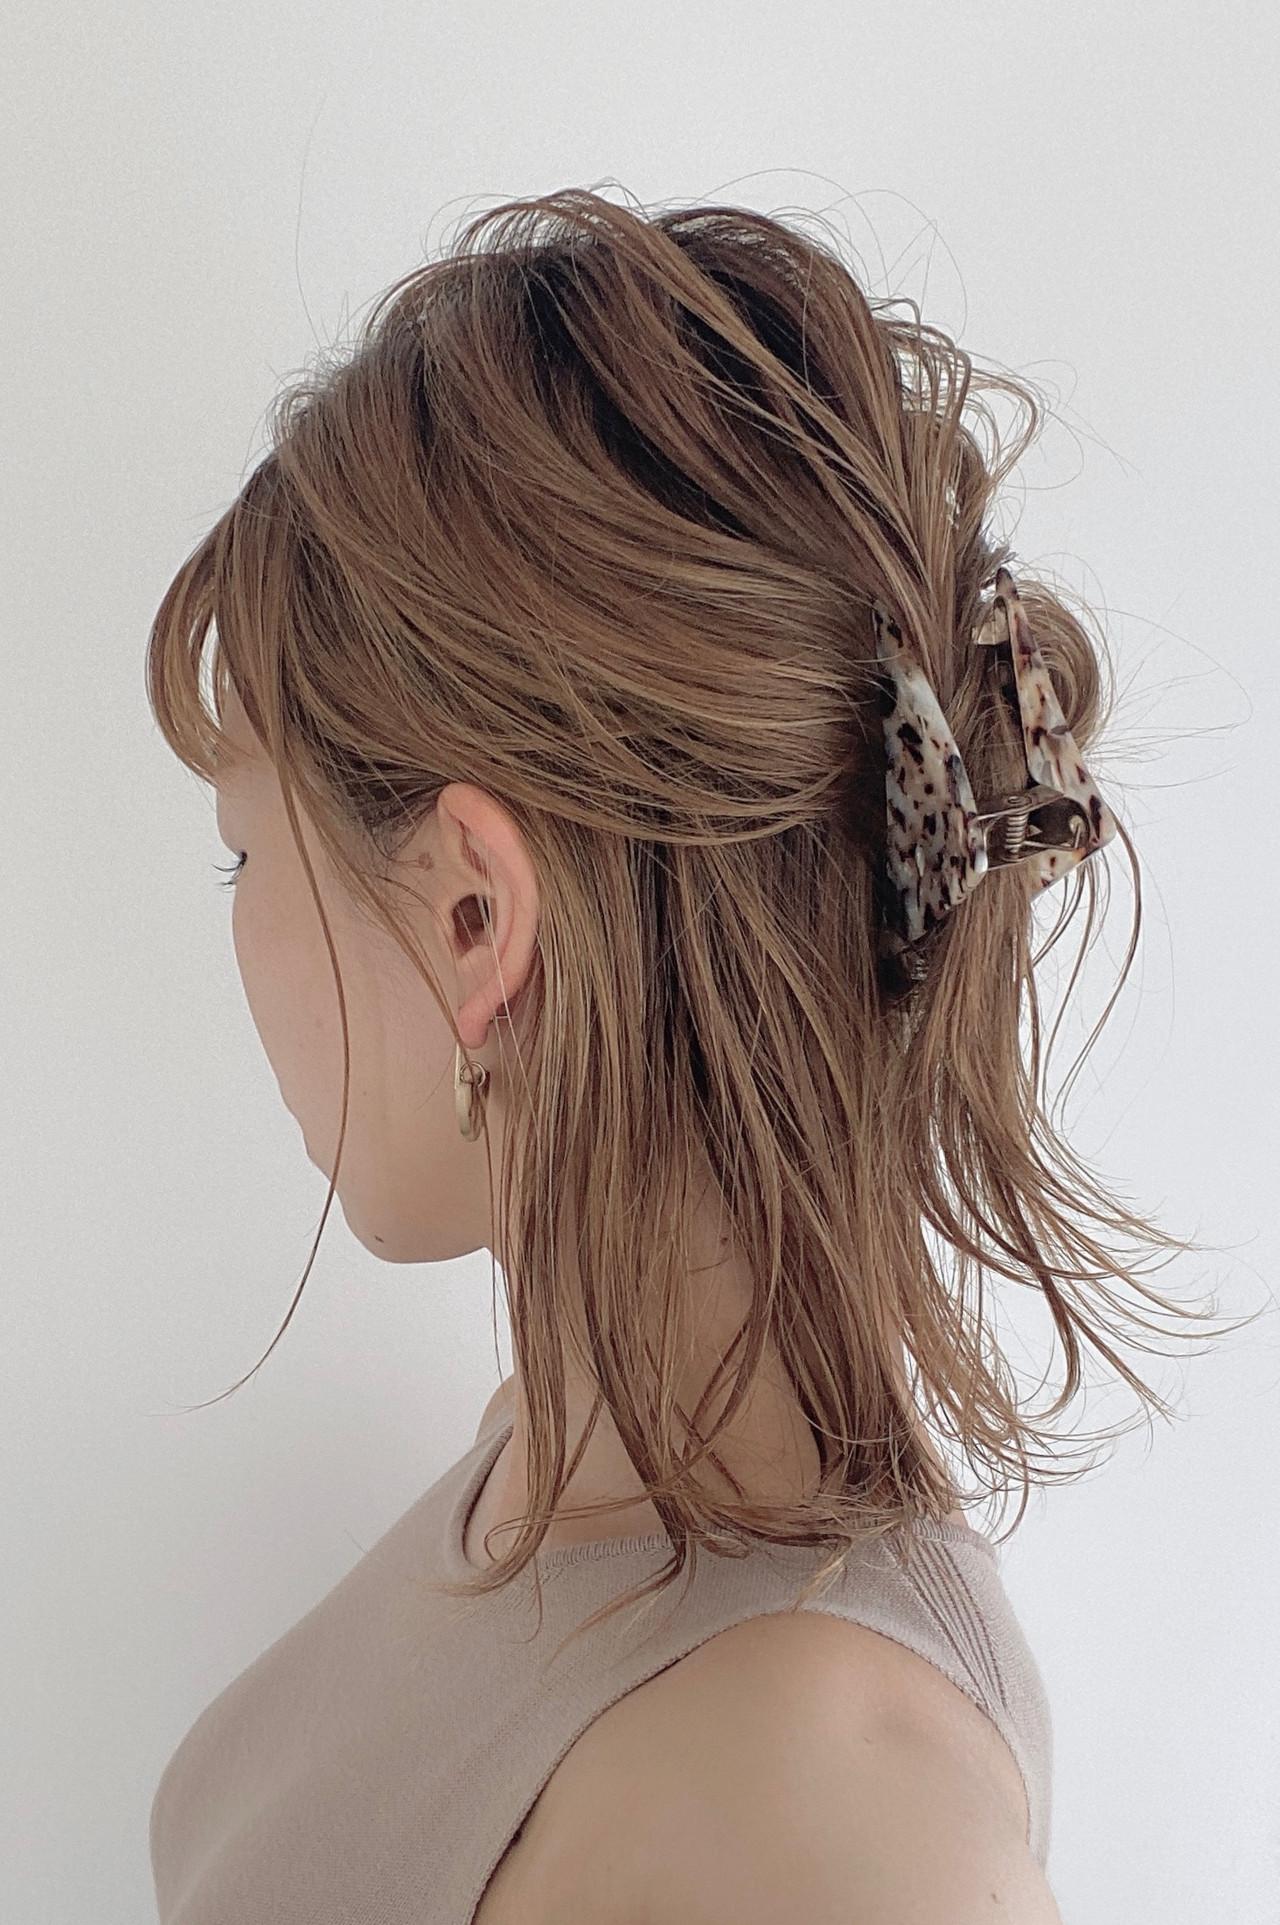 ハーフアップ ナチュラル 簡単ヘアアレンジ ヘアアレンジ ヘアスタイルや髪型の写真・画像